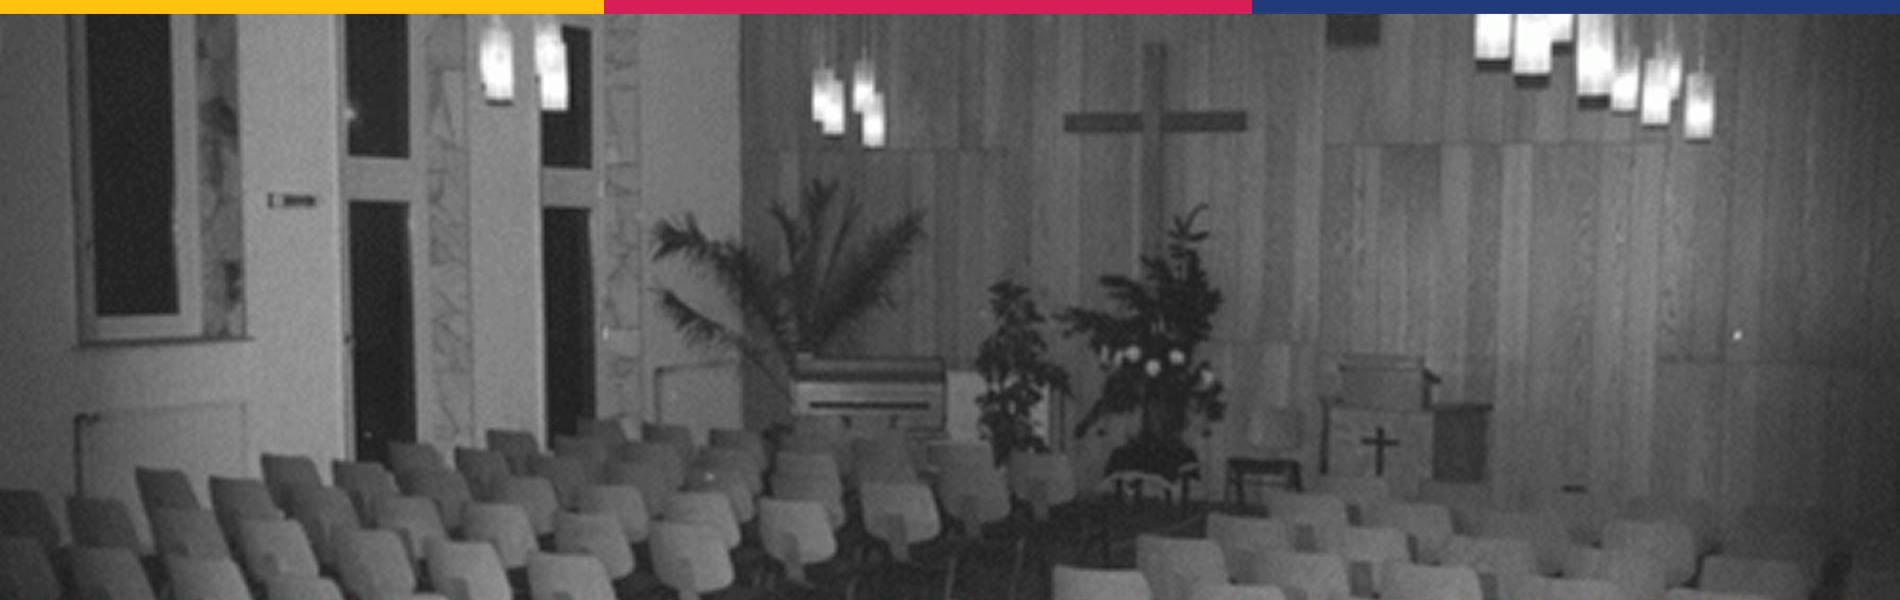 Geschichte | Landeskirchliche Gemeinschaft Osnabrück